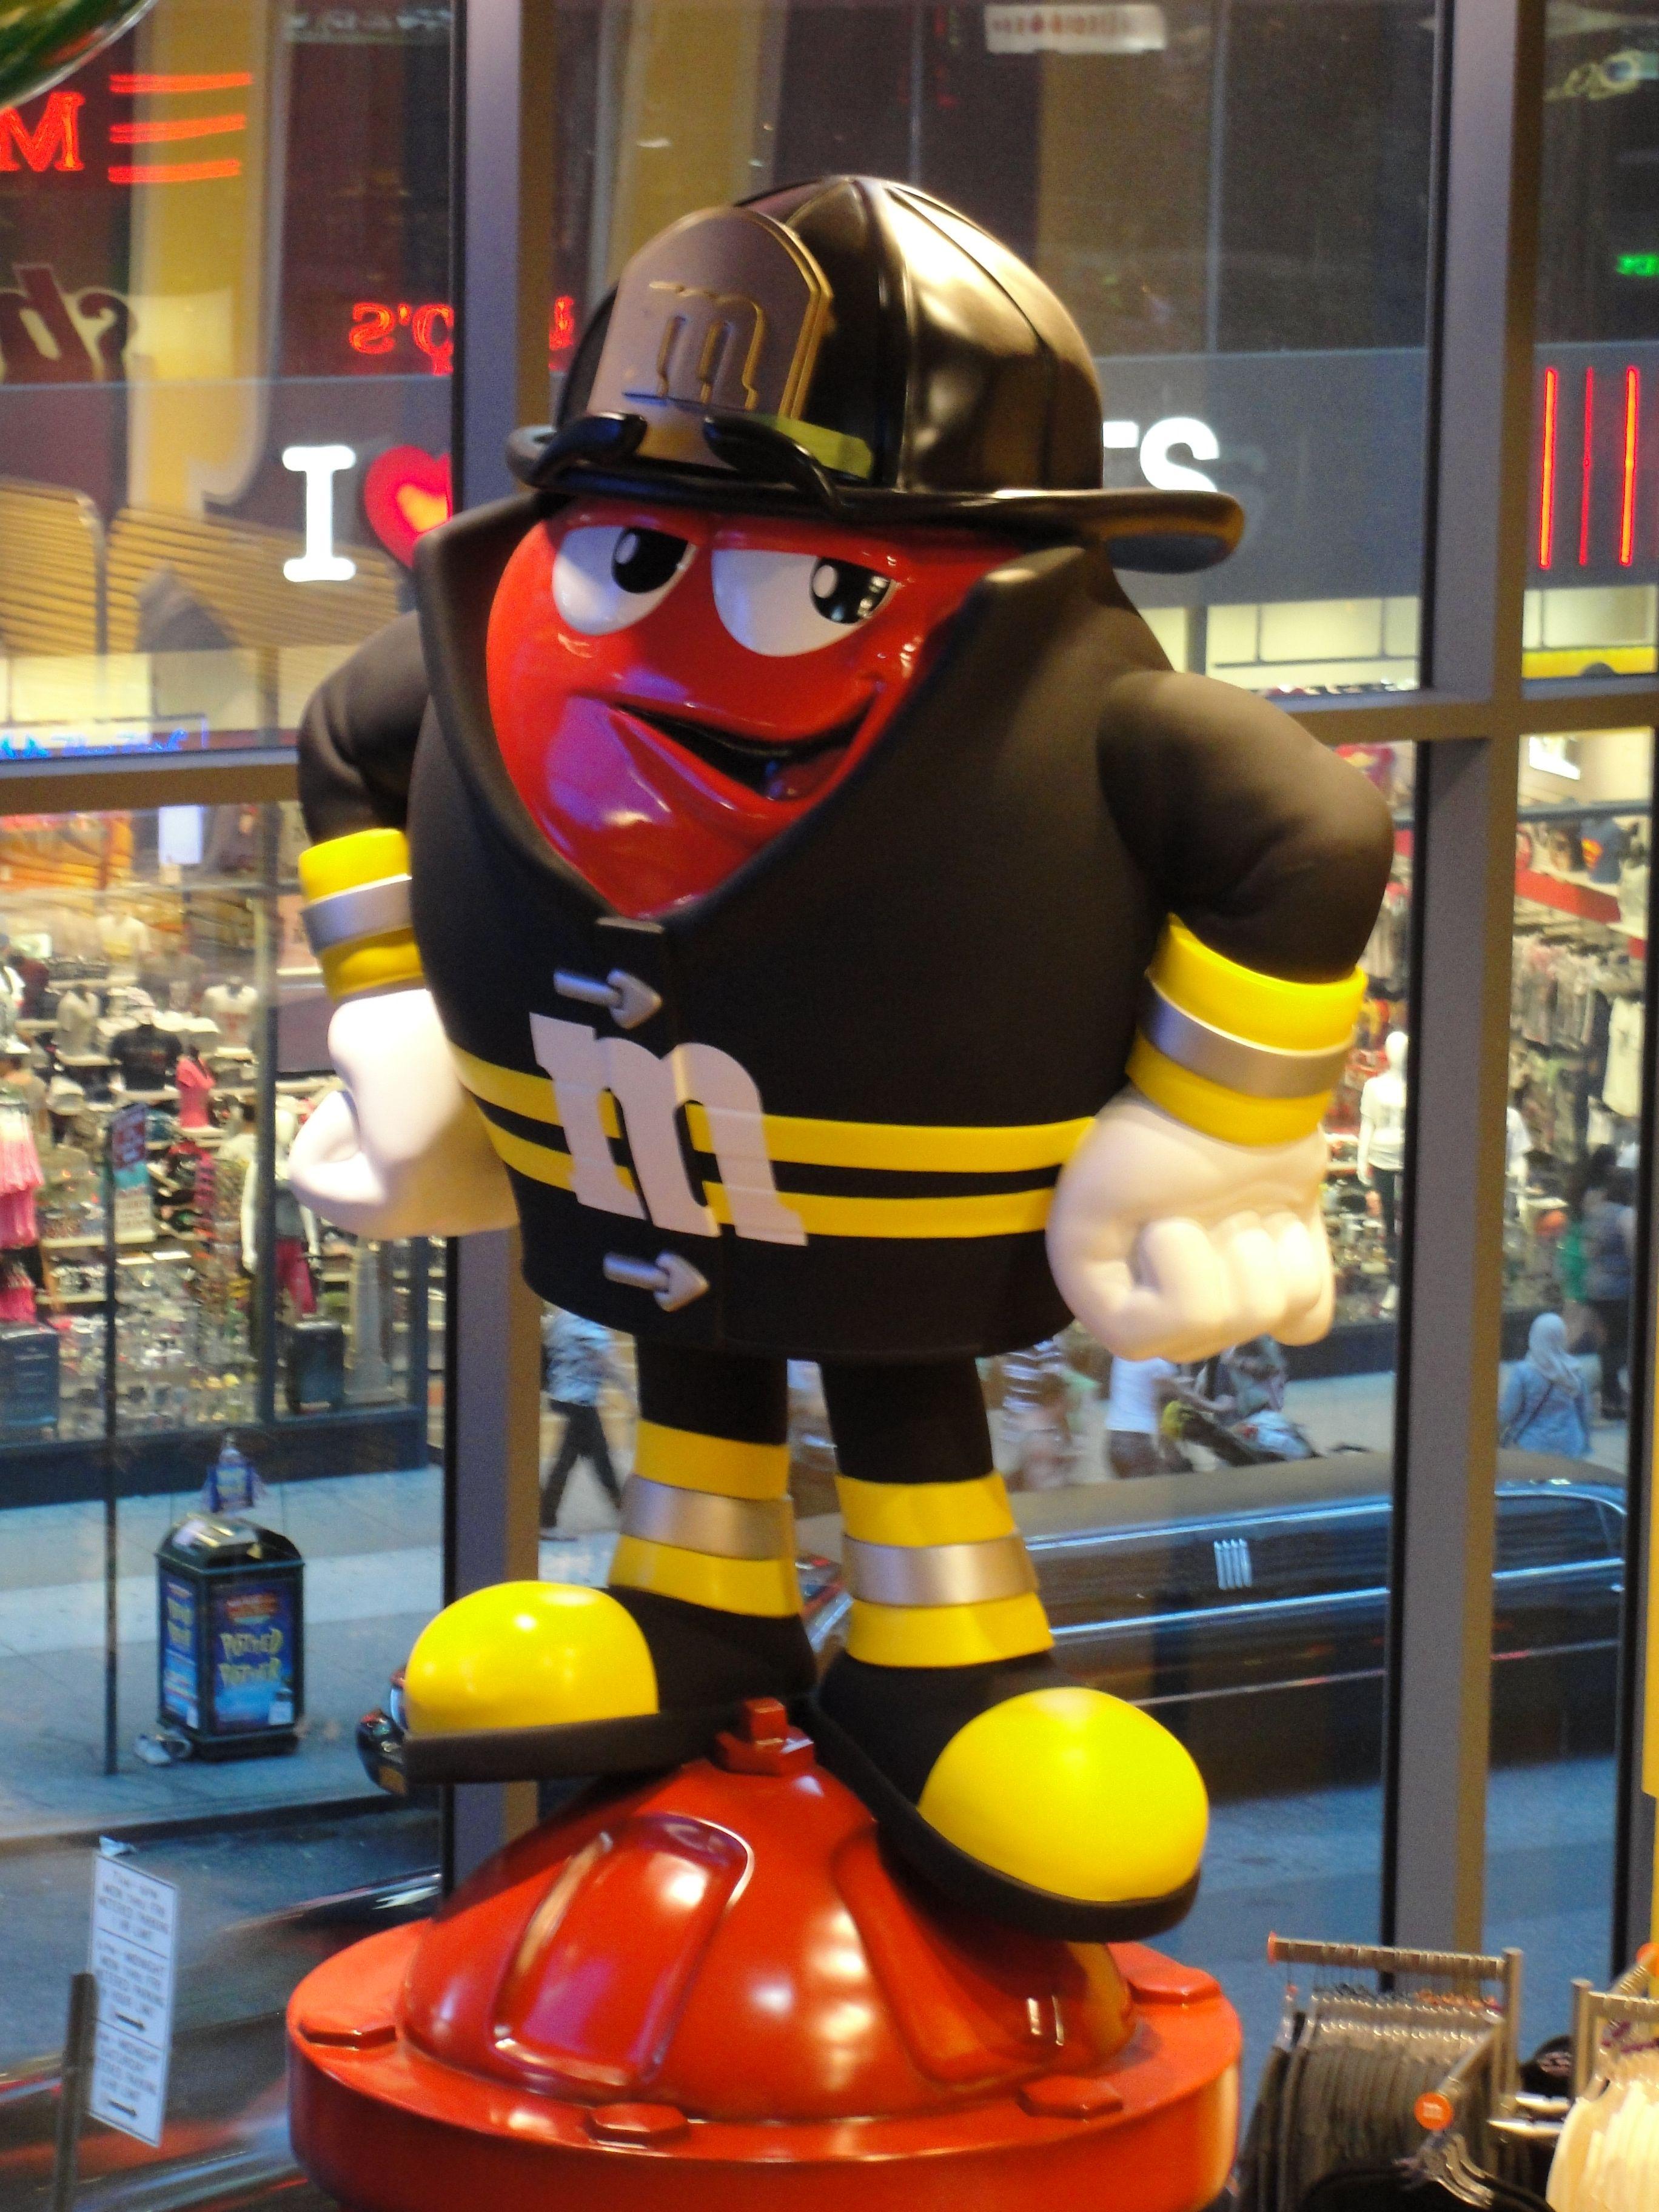 Firefighter M Love it.